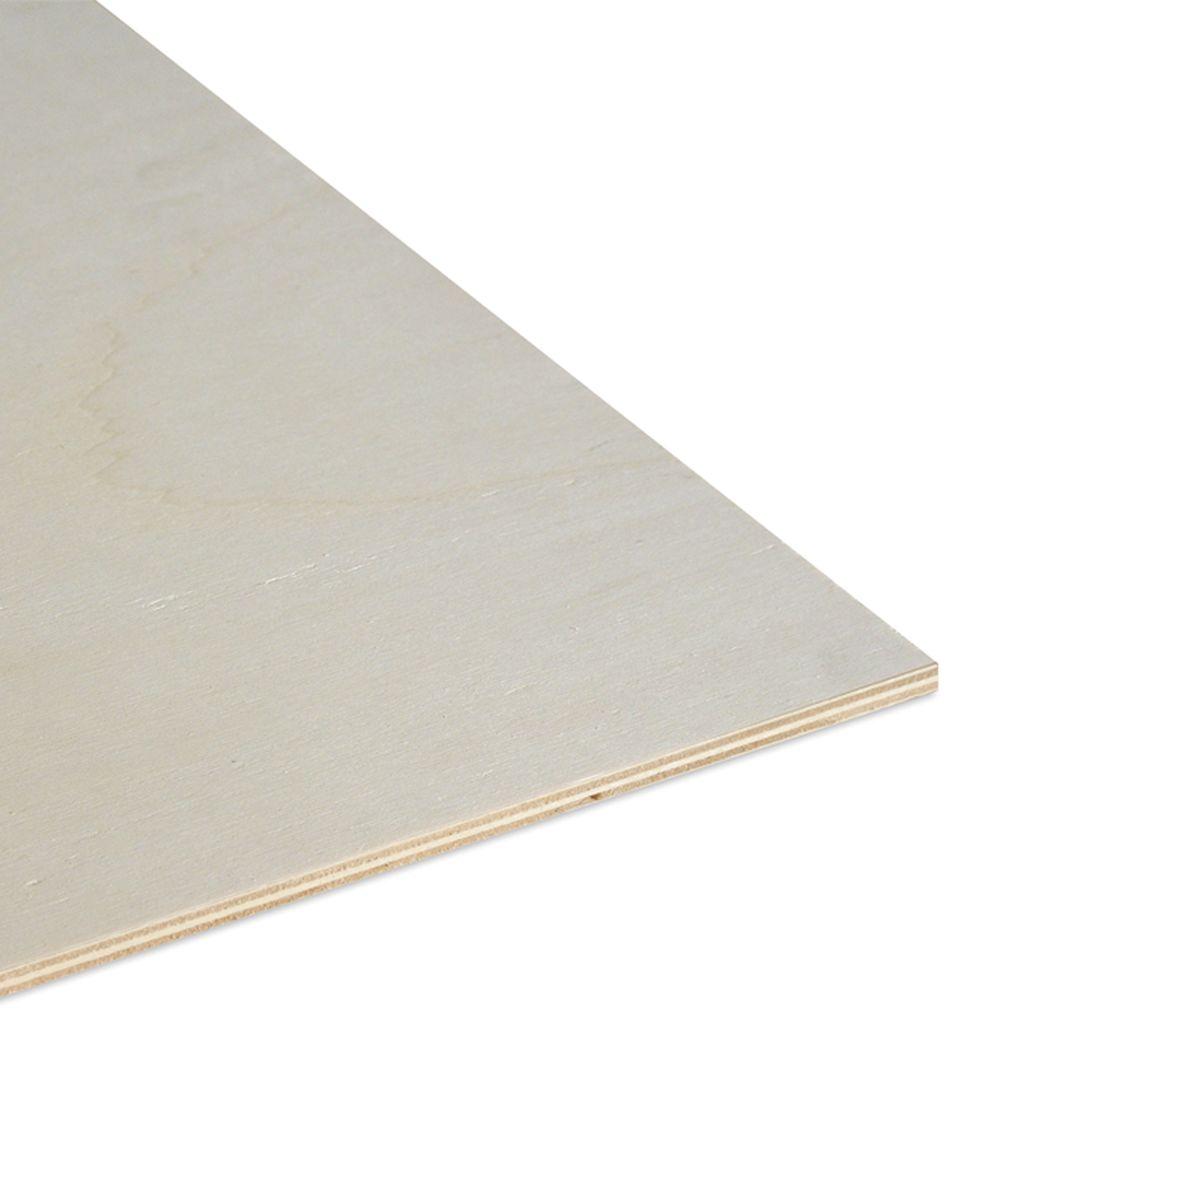 Pannelli in legno compensato e multistrato: prezzi e offerte online 4